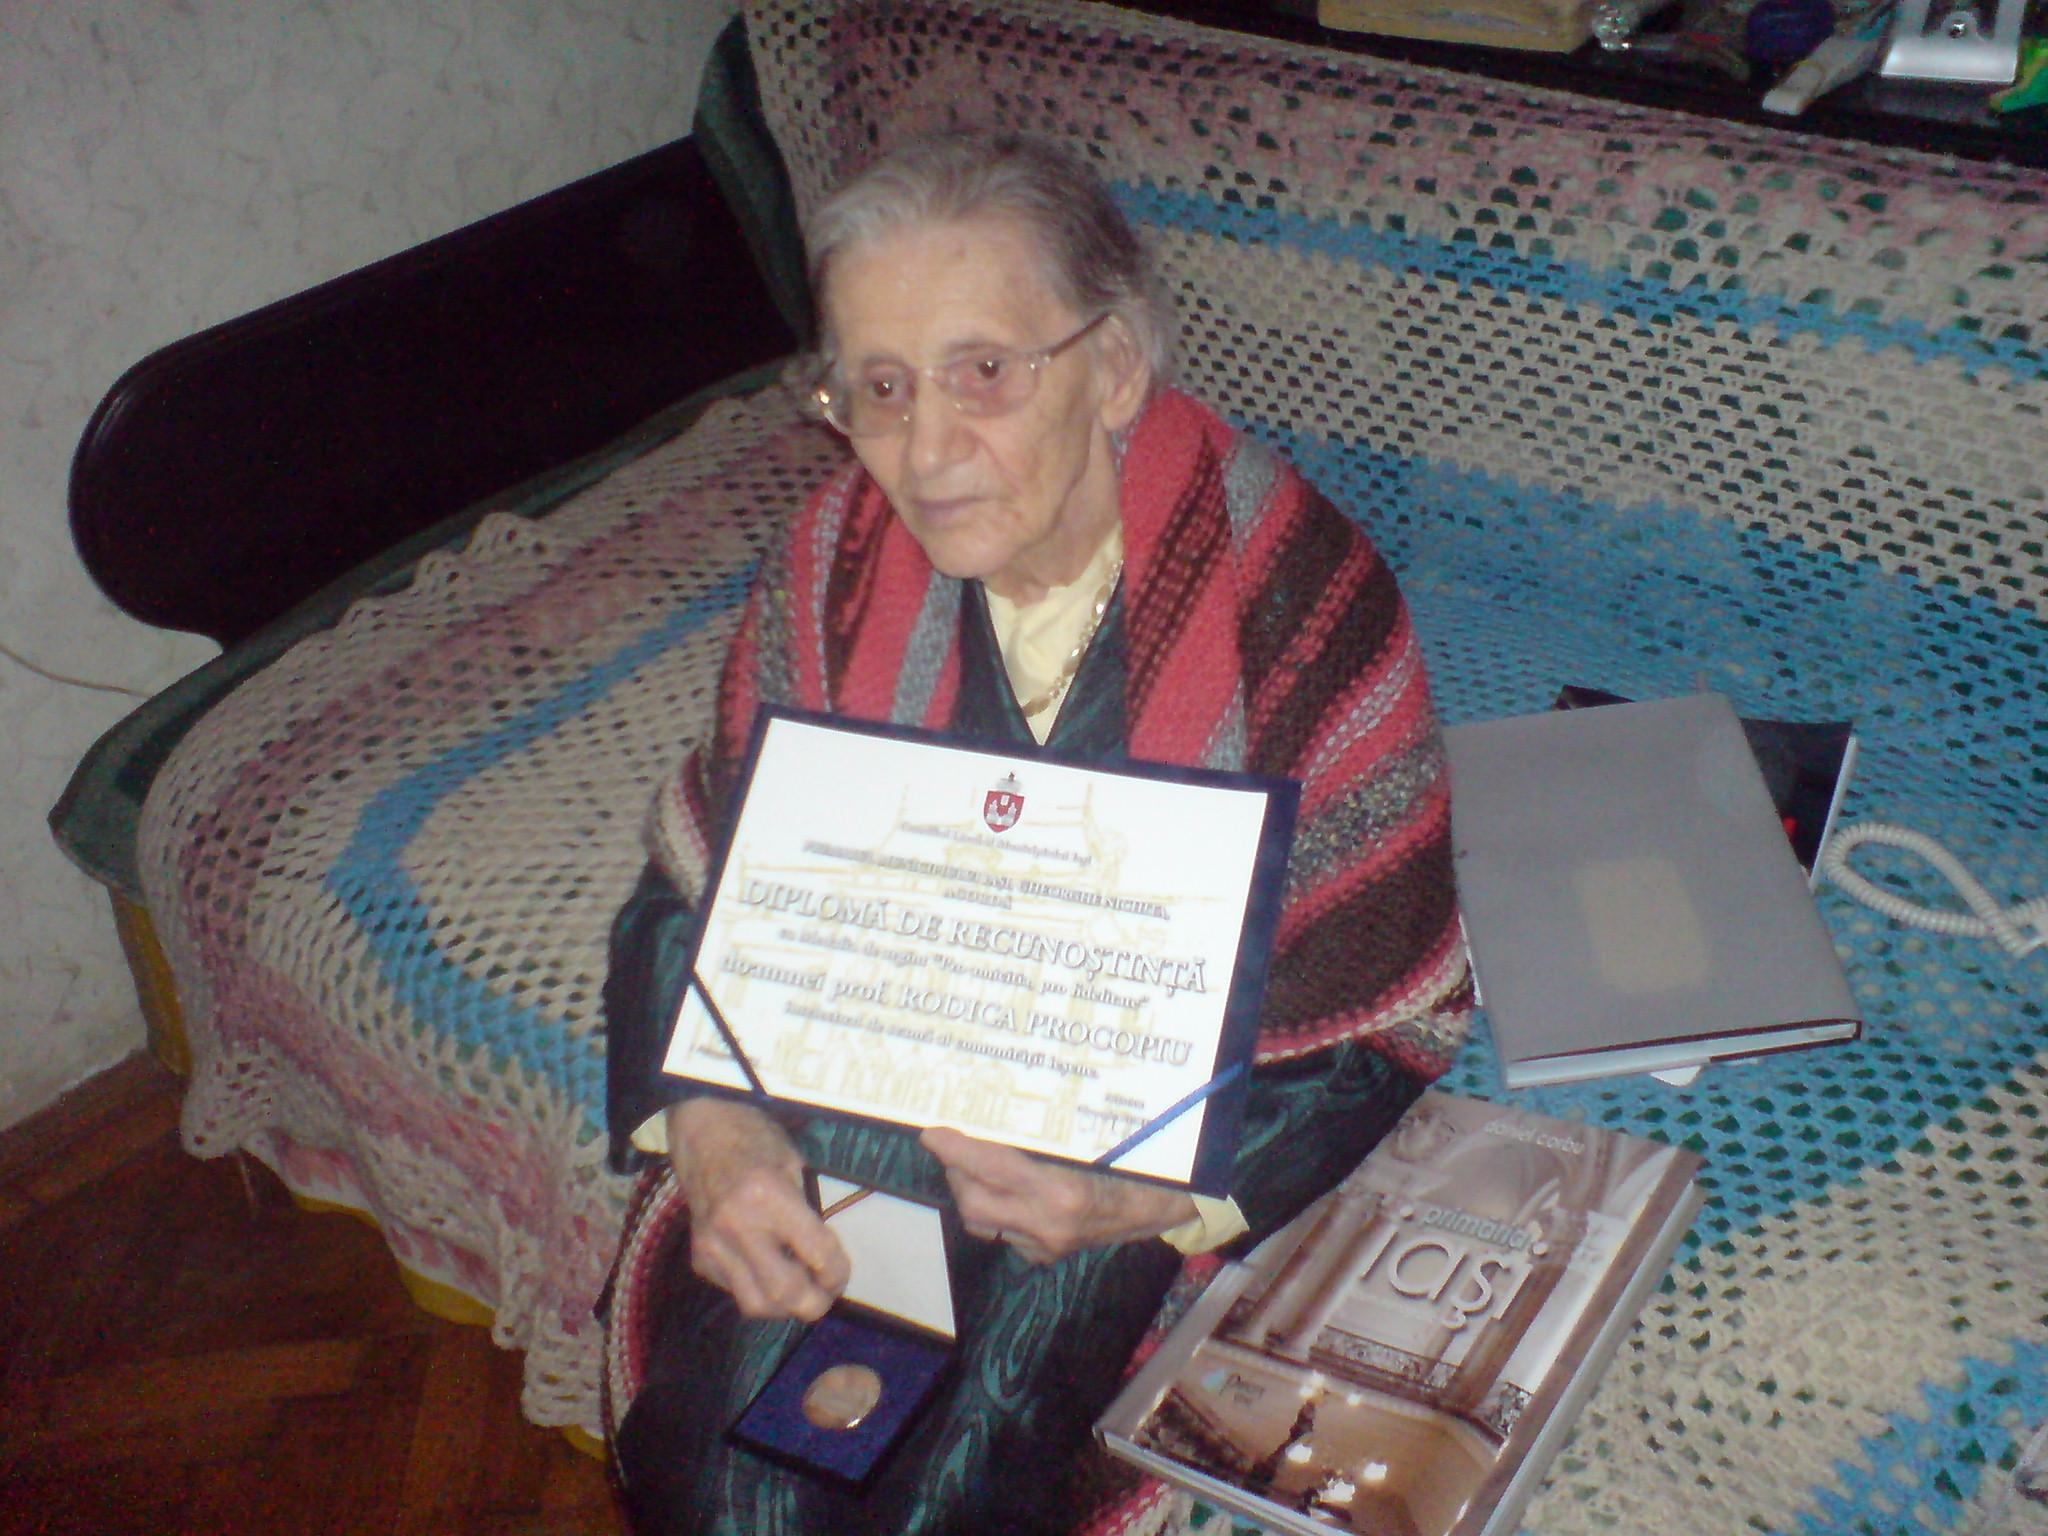 Agenda de Iaşi: Rodica Procopiu, soţia savantului Ştefan Procopiu, a împlinit 101 ani